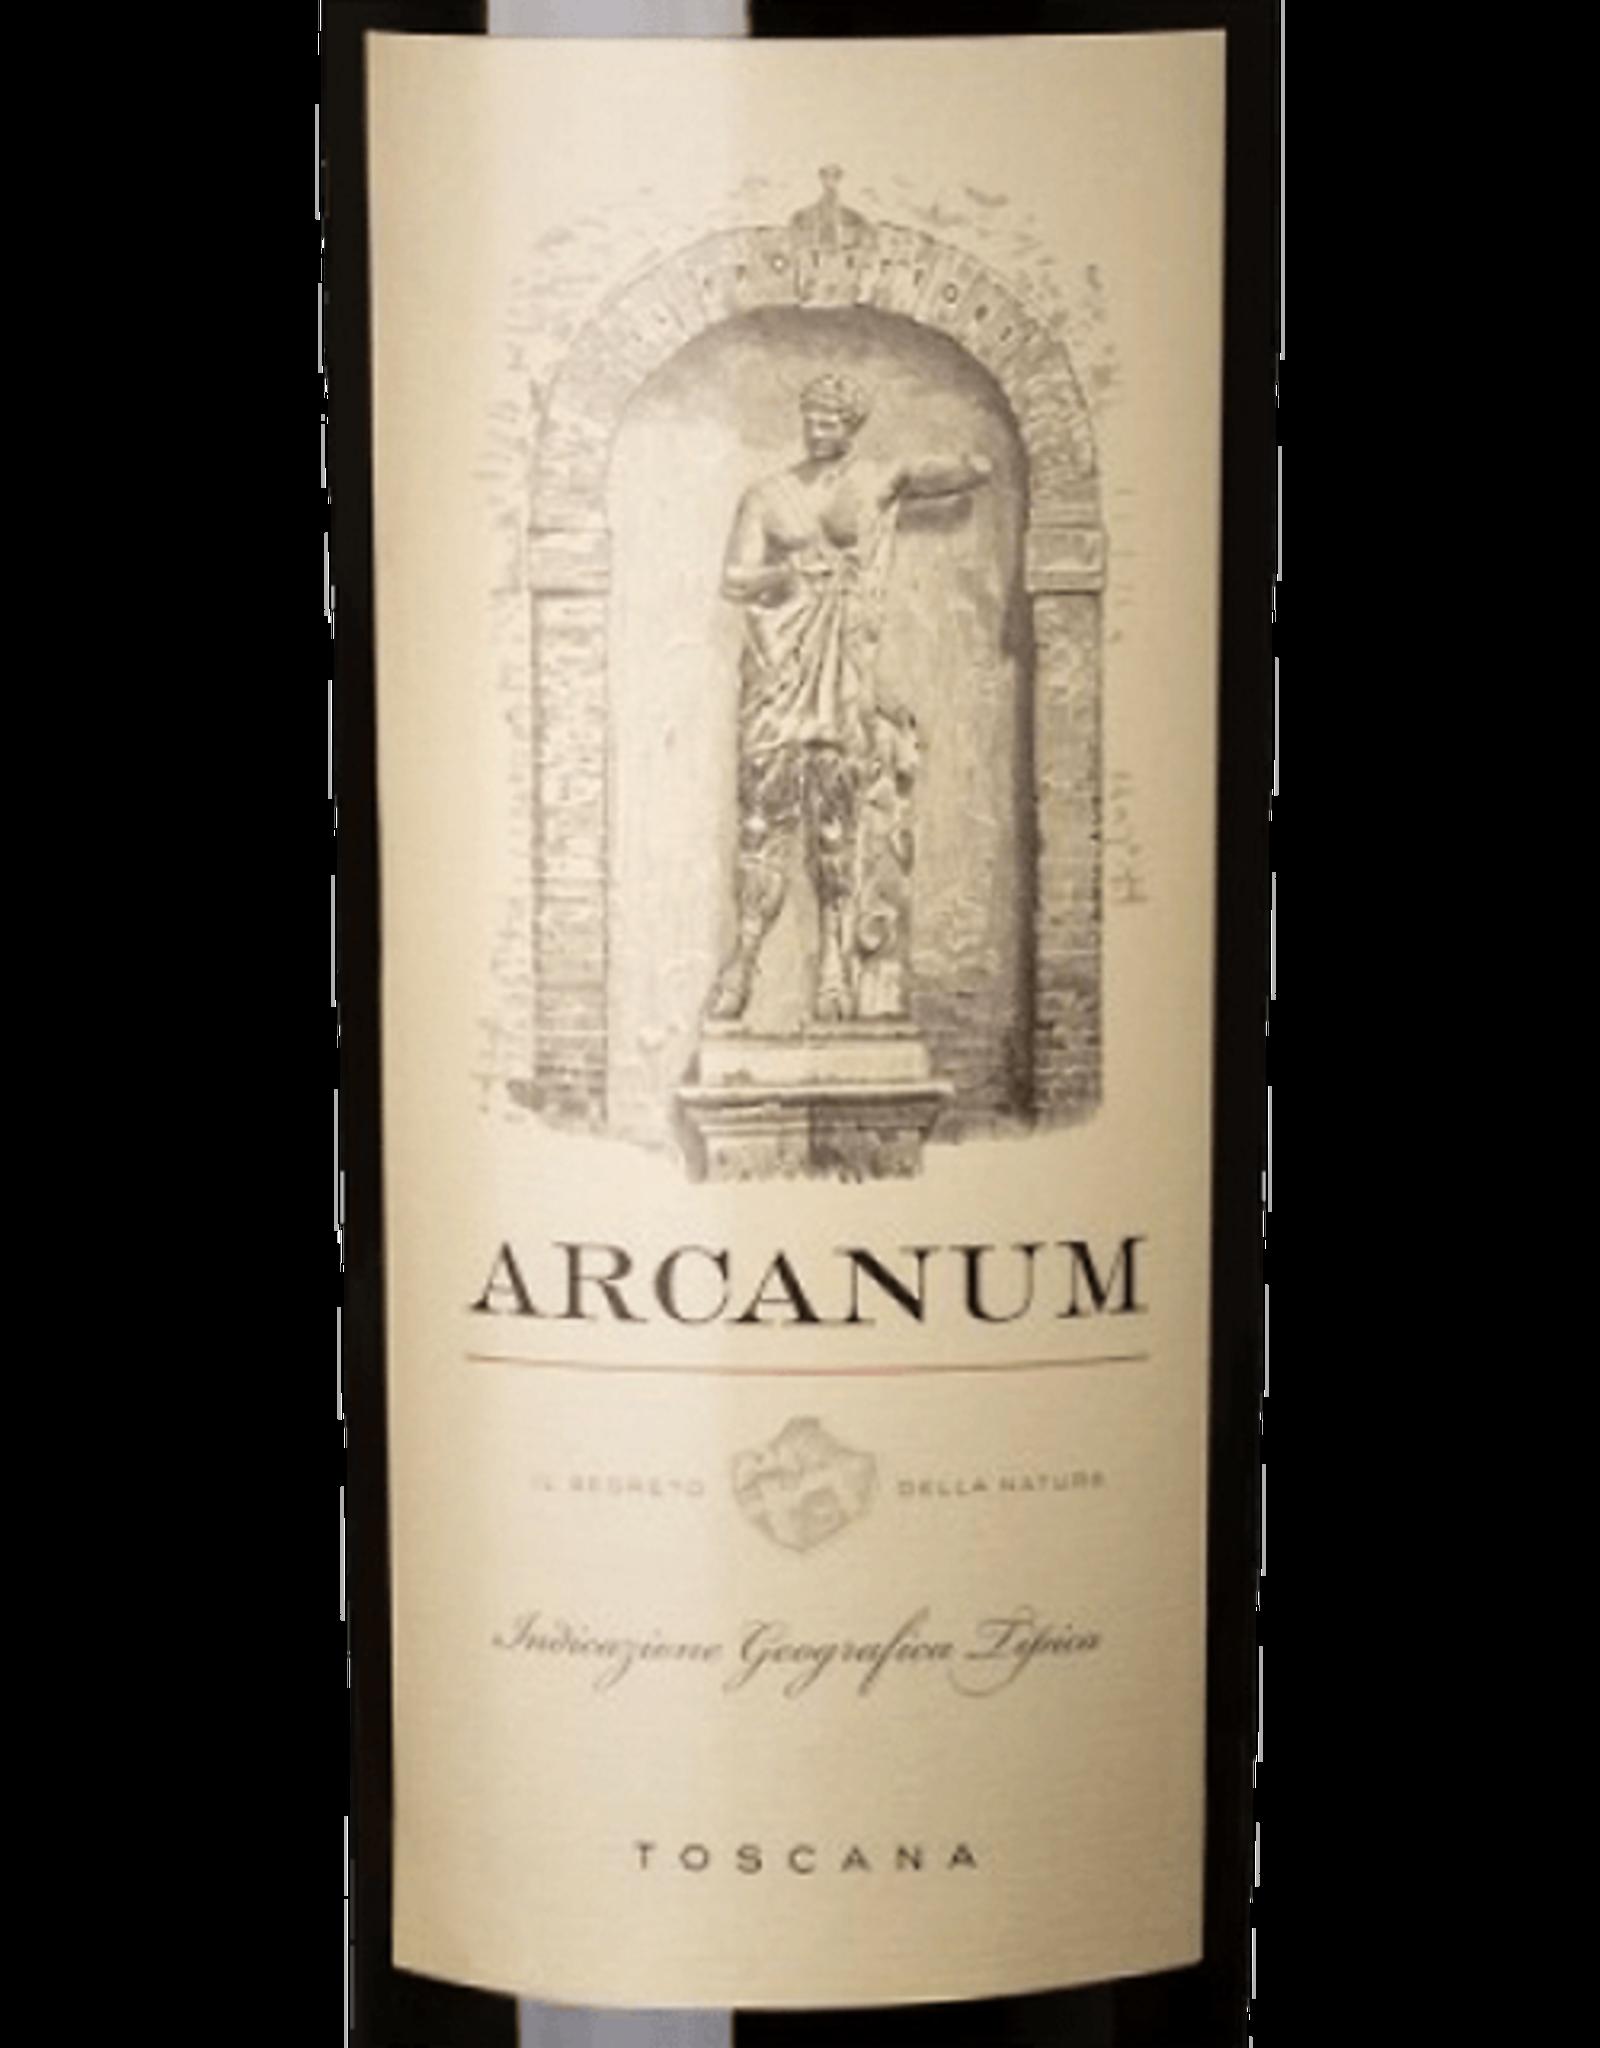 2006 Arcanum Toscana